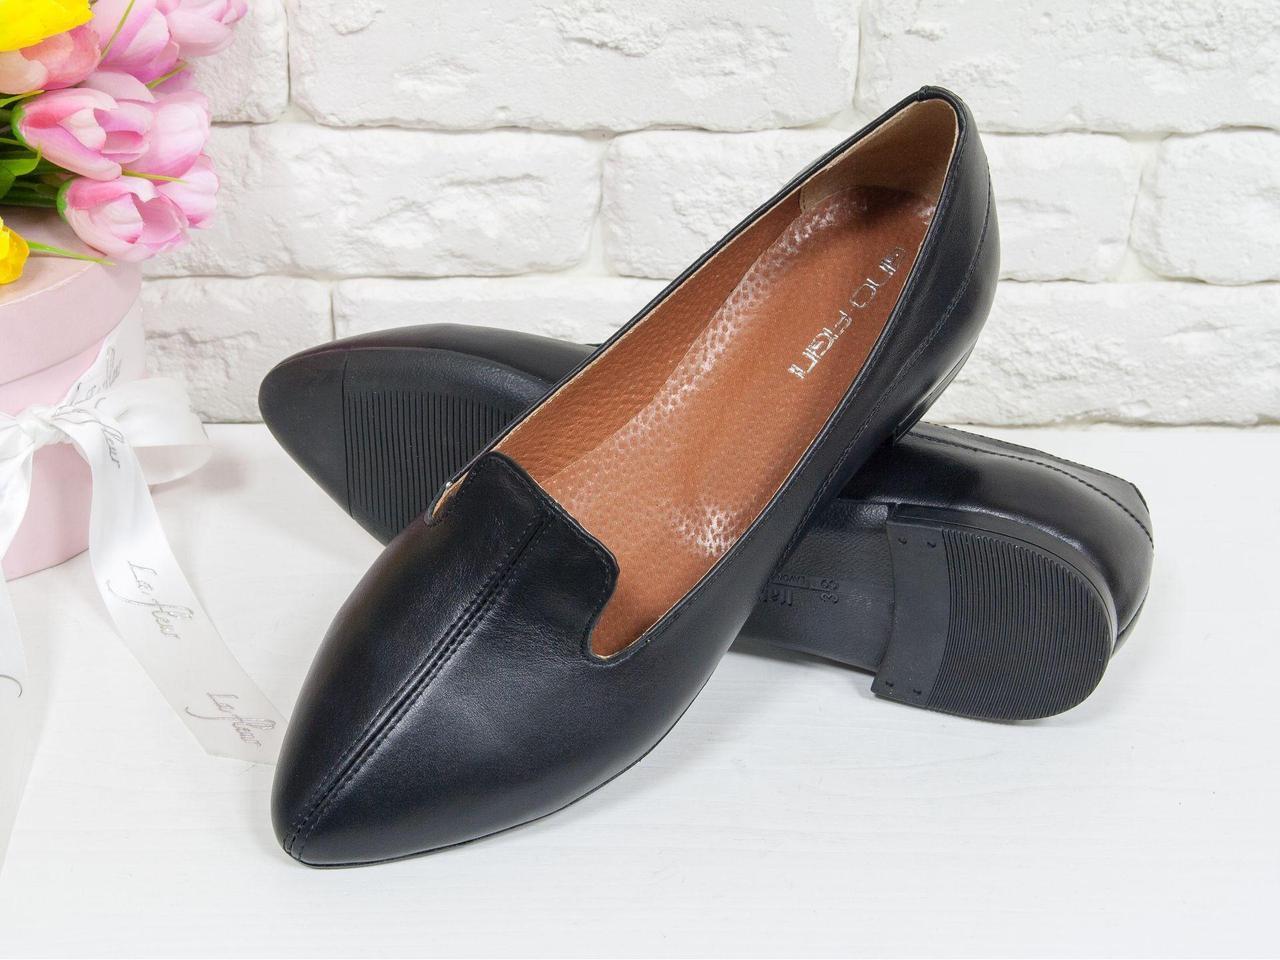 Облегченные туфли из натуральной кожи классического черного цвета, на облегченной тонкой подошве черного цвета